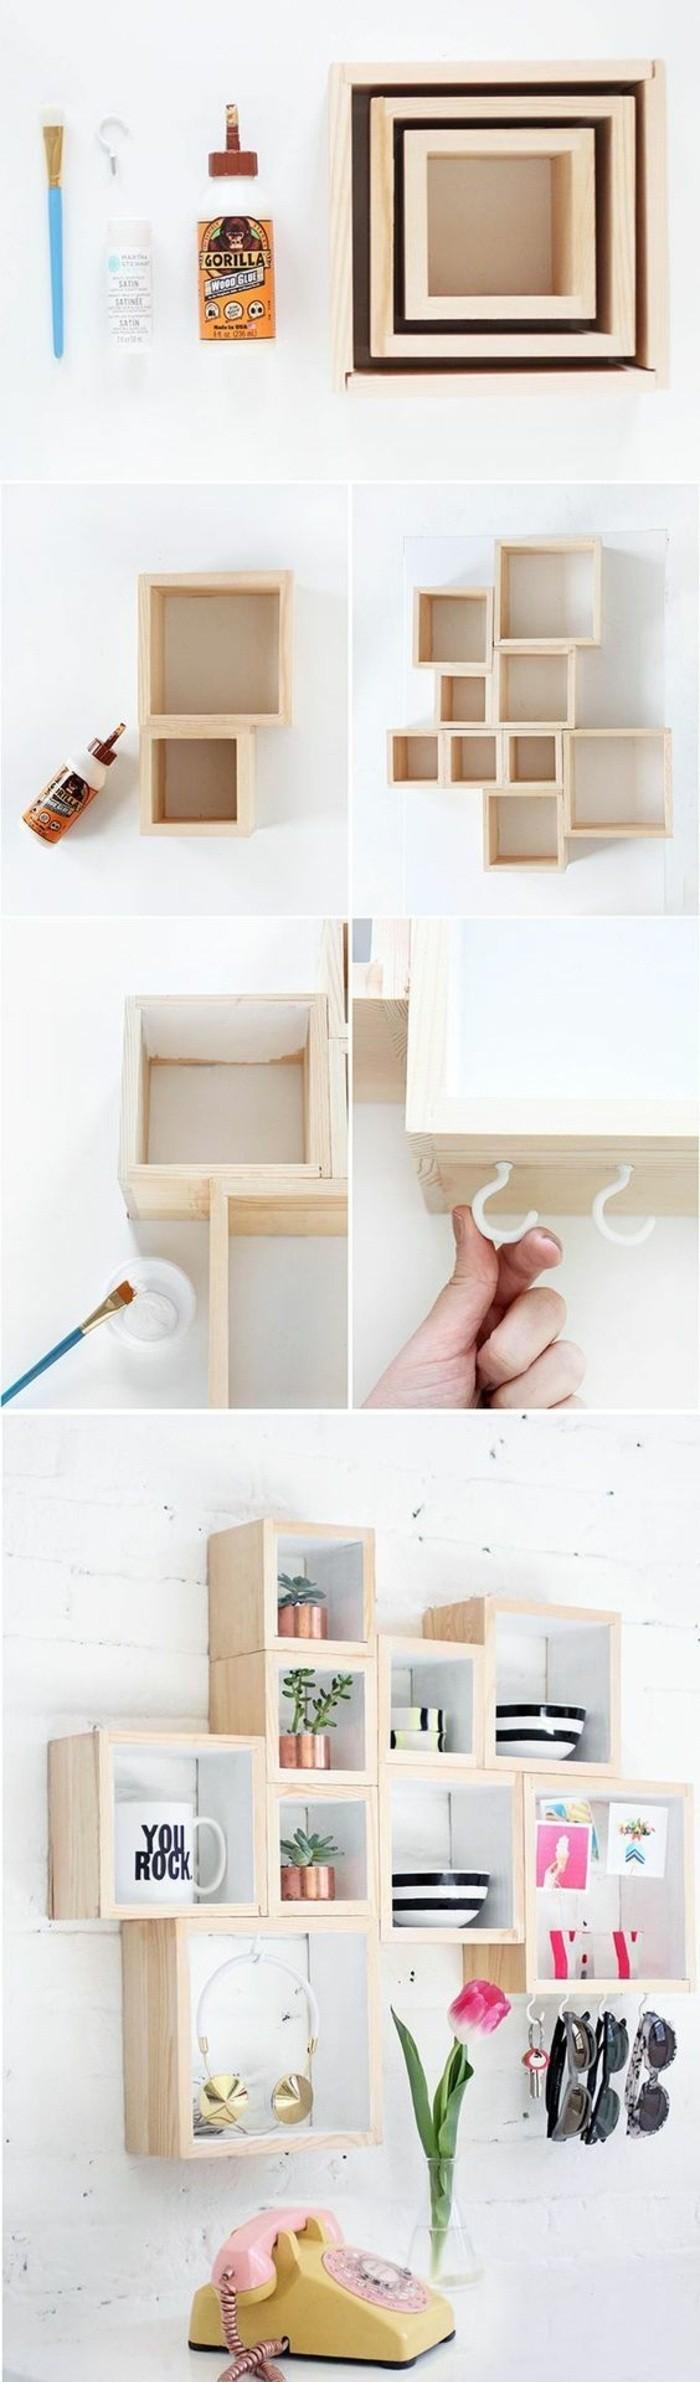 únicas propuestas de decoracion pared dormitorio, decoración con estanterías de madera